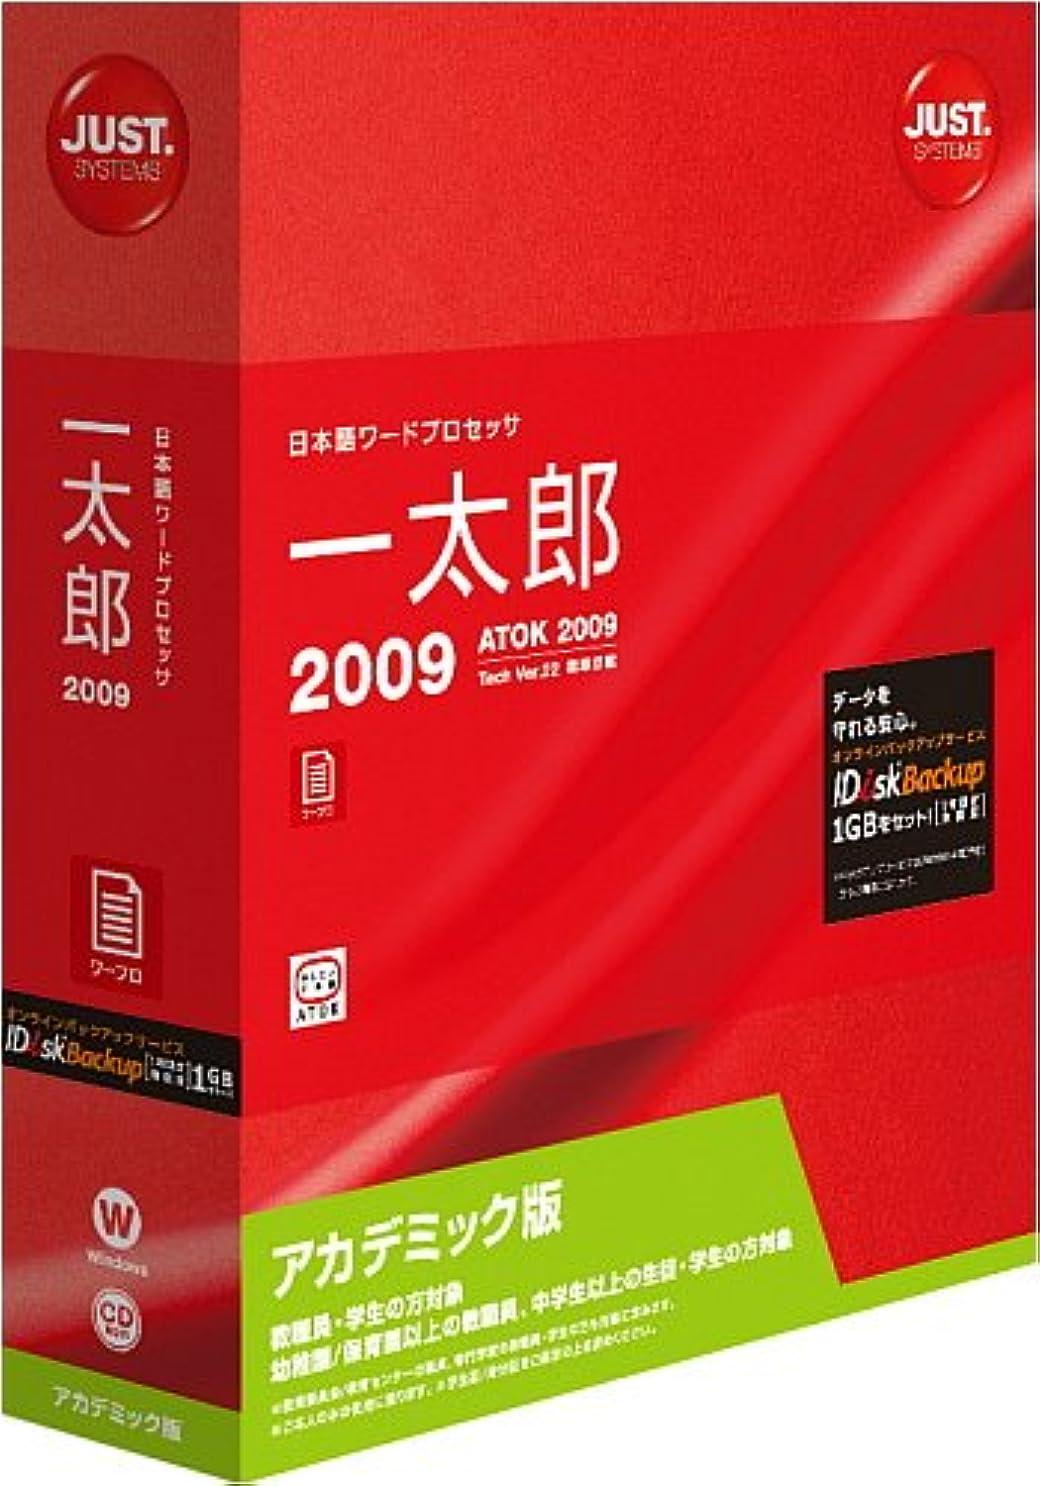 一太郎2009 アカデミック版